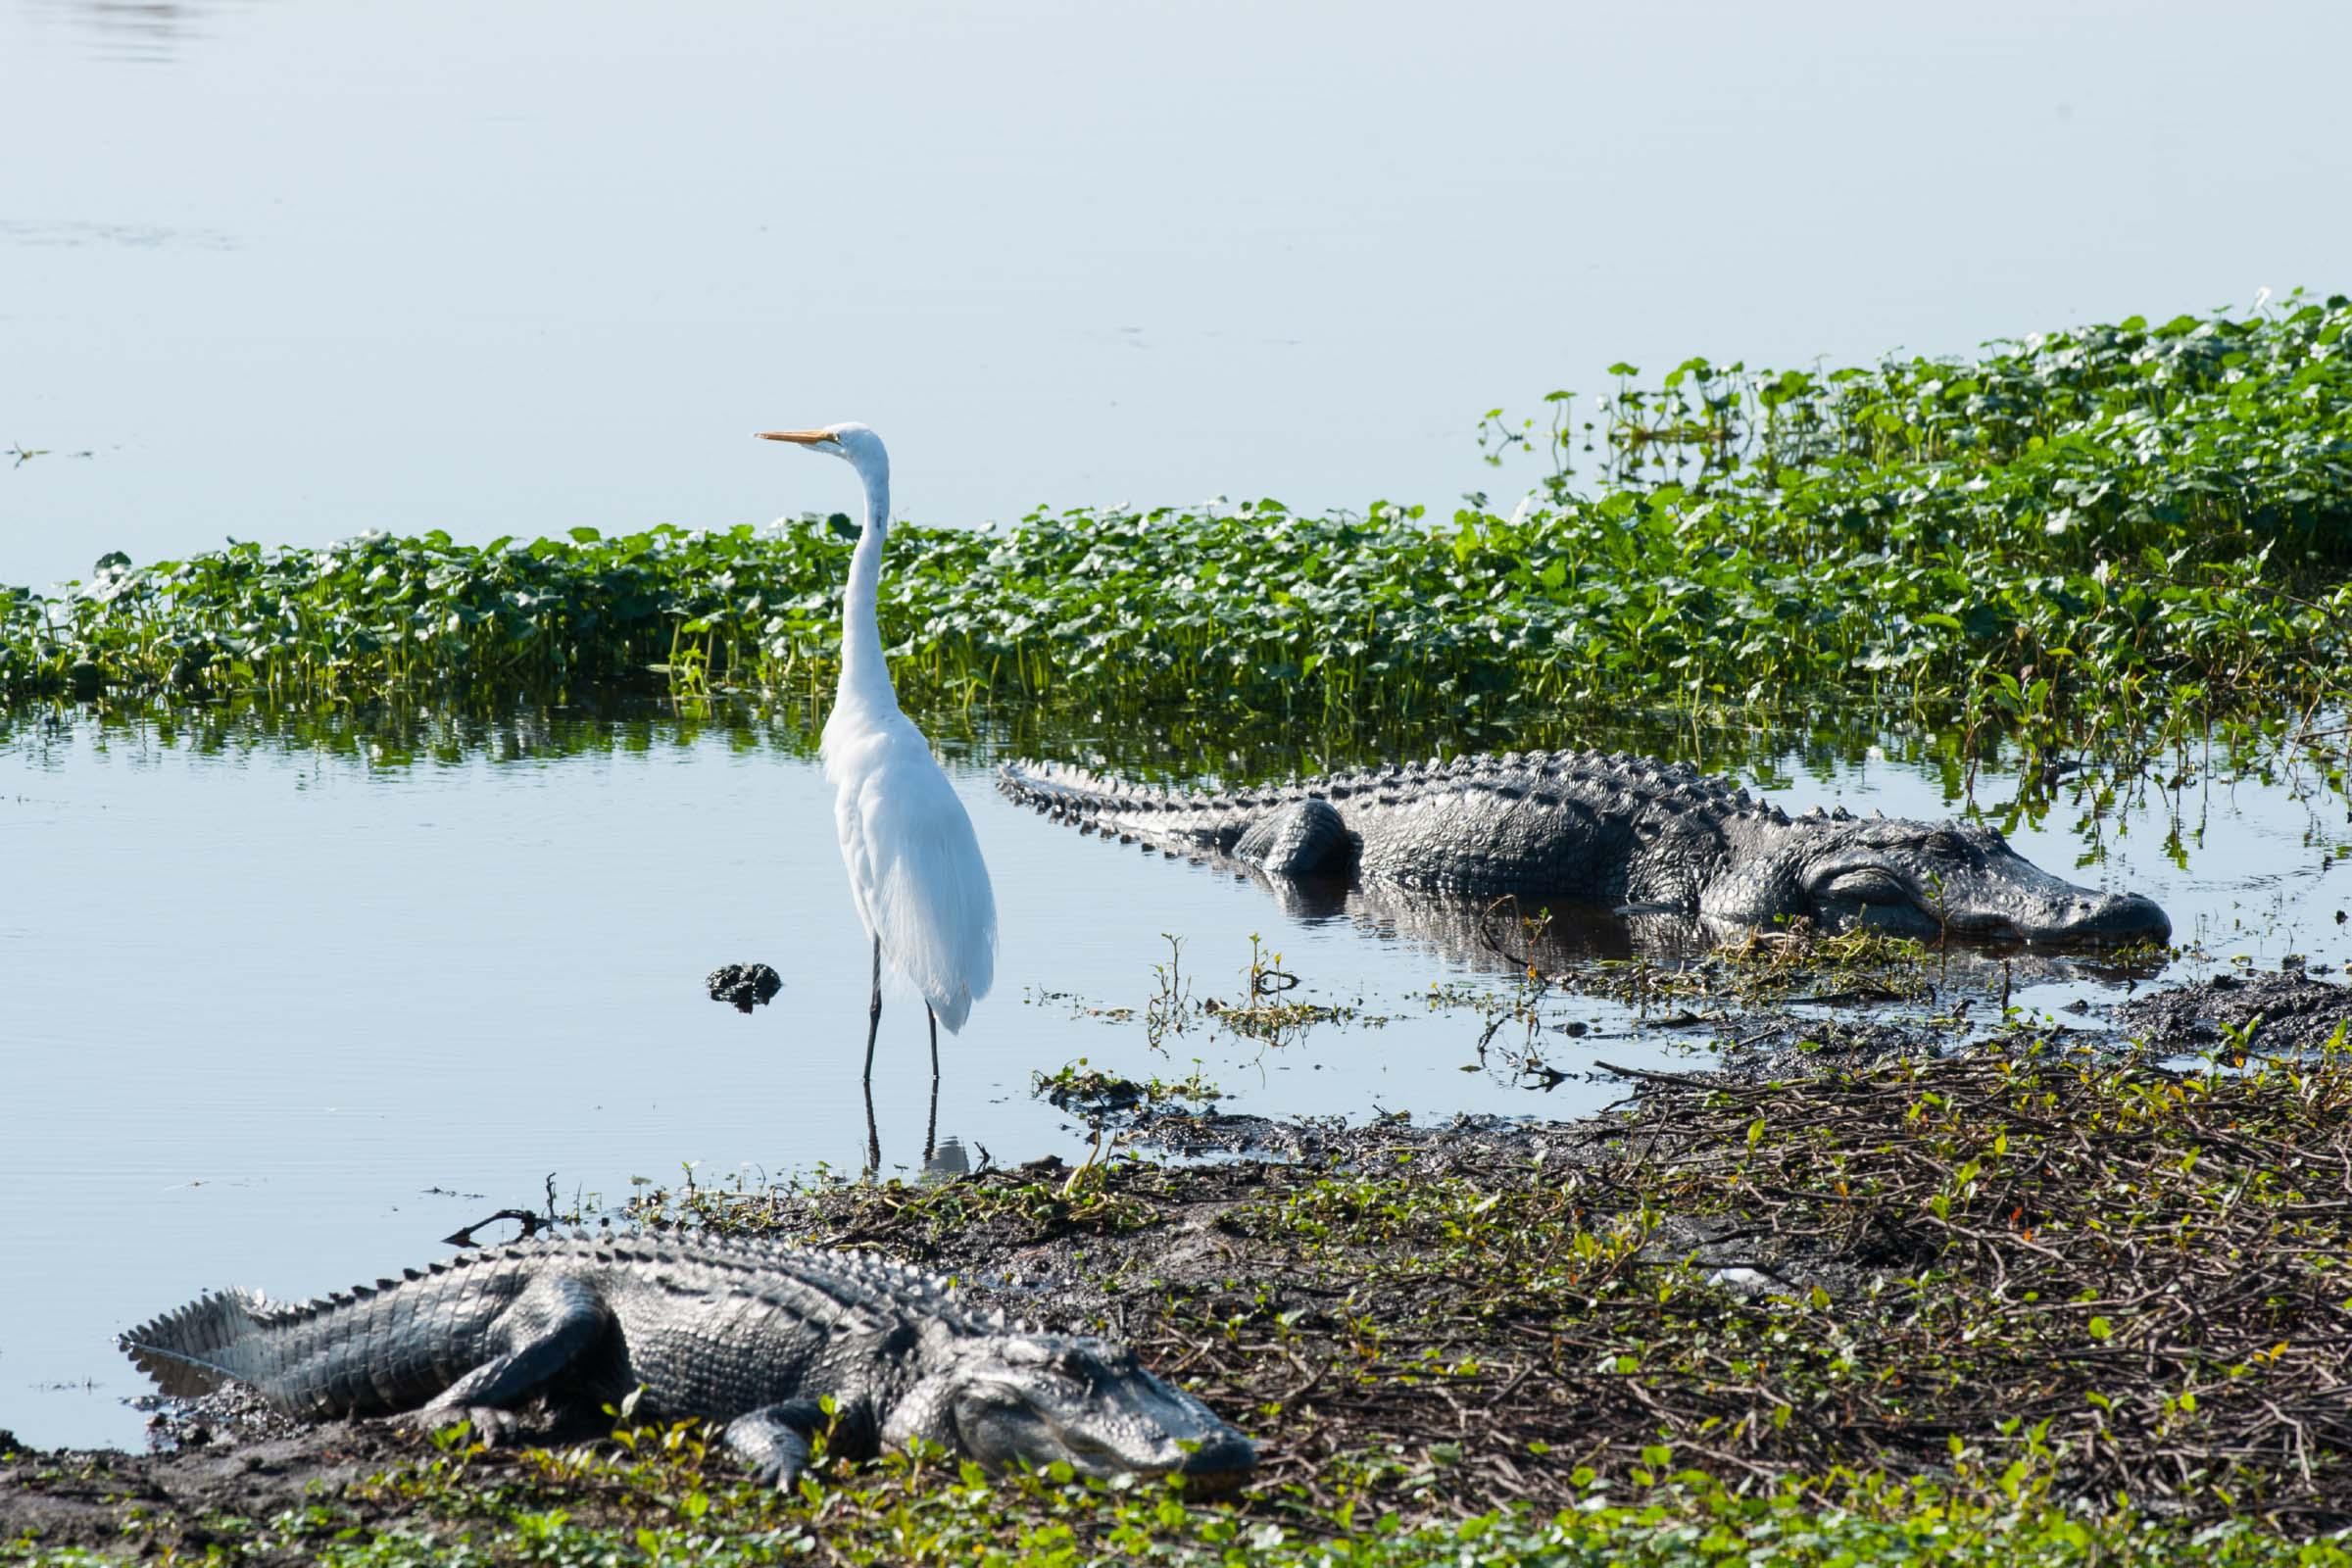 White bird standing between 2 alligators